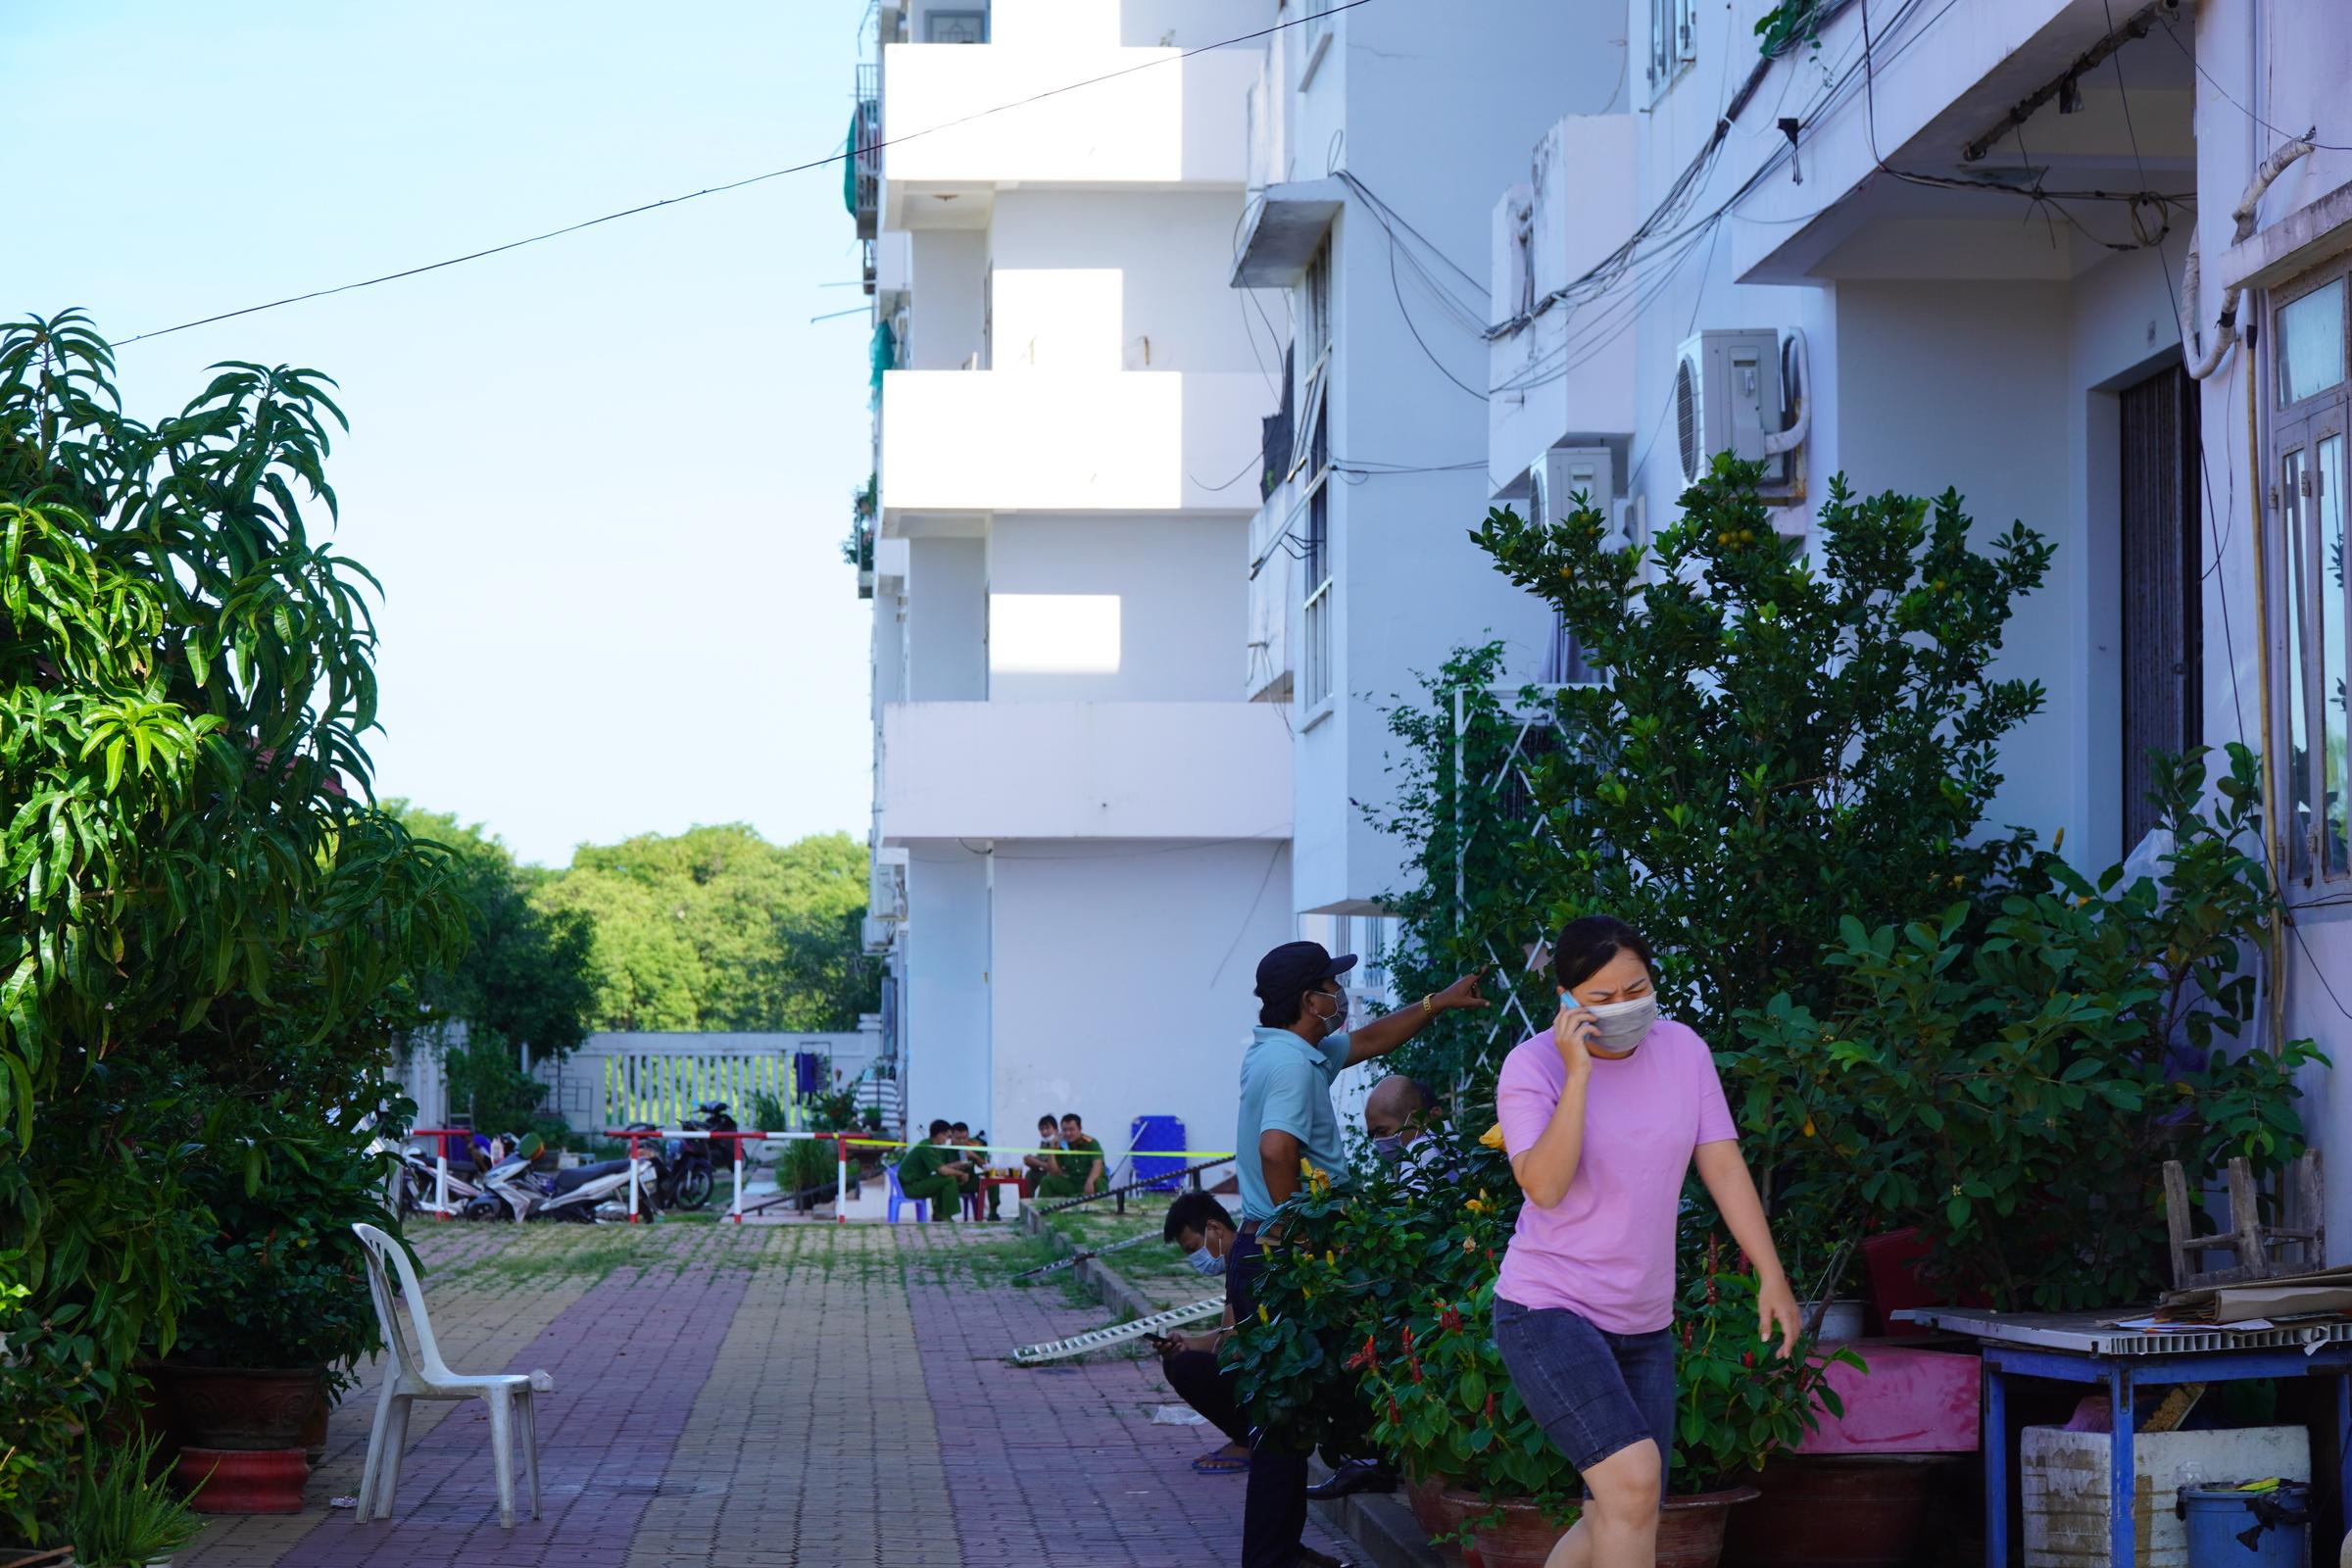 Khu C - chung cư Văn Thánh (phường Phú Tài, TP Phan Thiết) bị phong tỏa, hơn 100 người đã được lấy mẫu xét nghiệm. Ảnh: Việt Quốc.